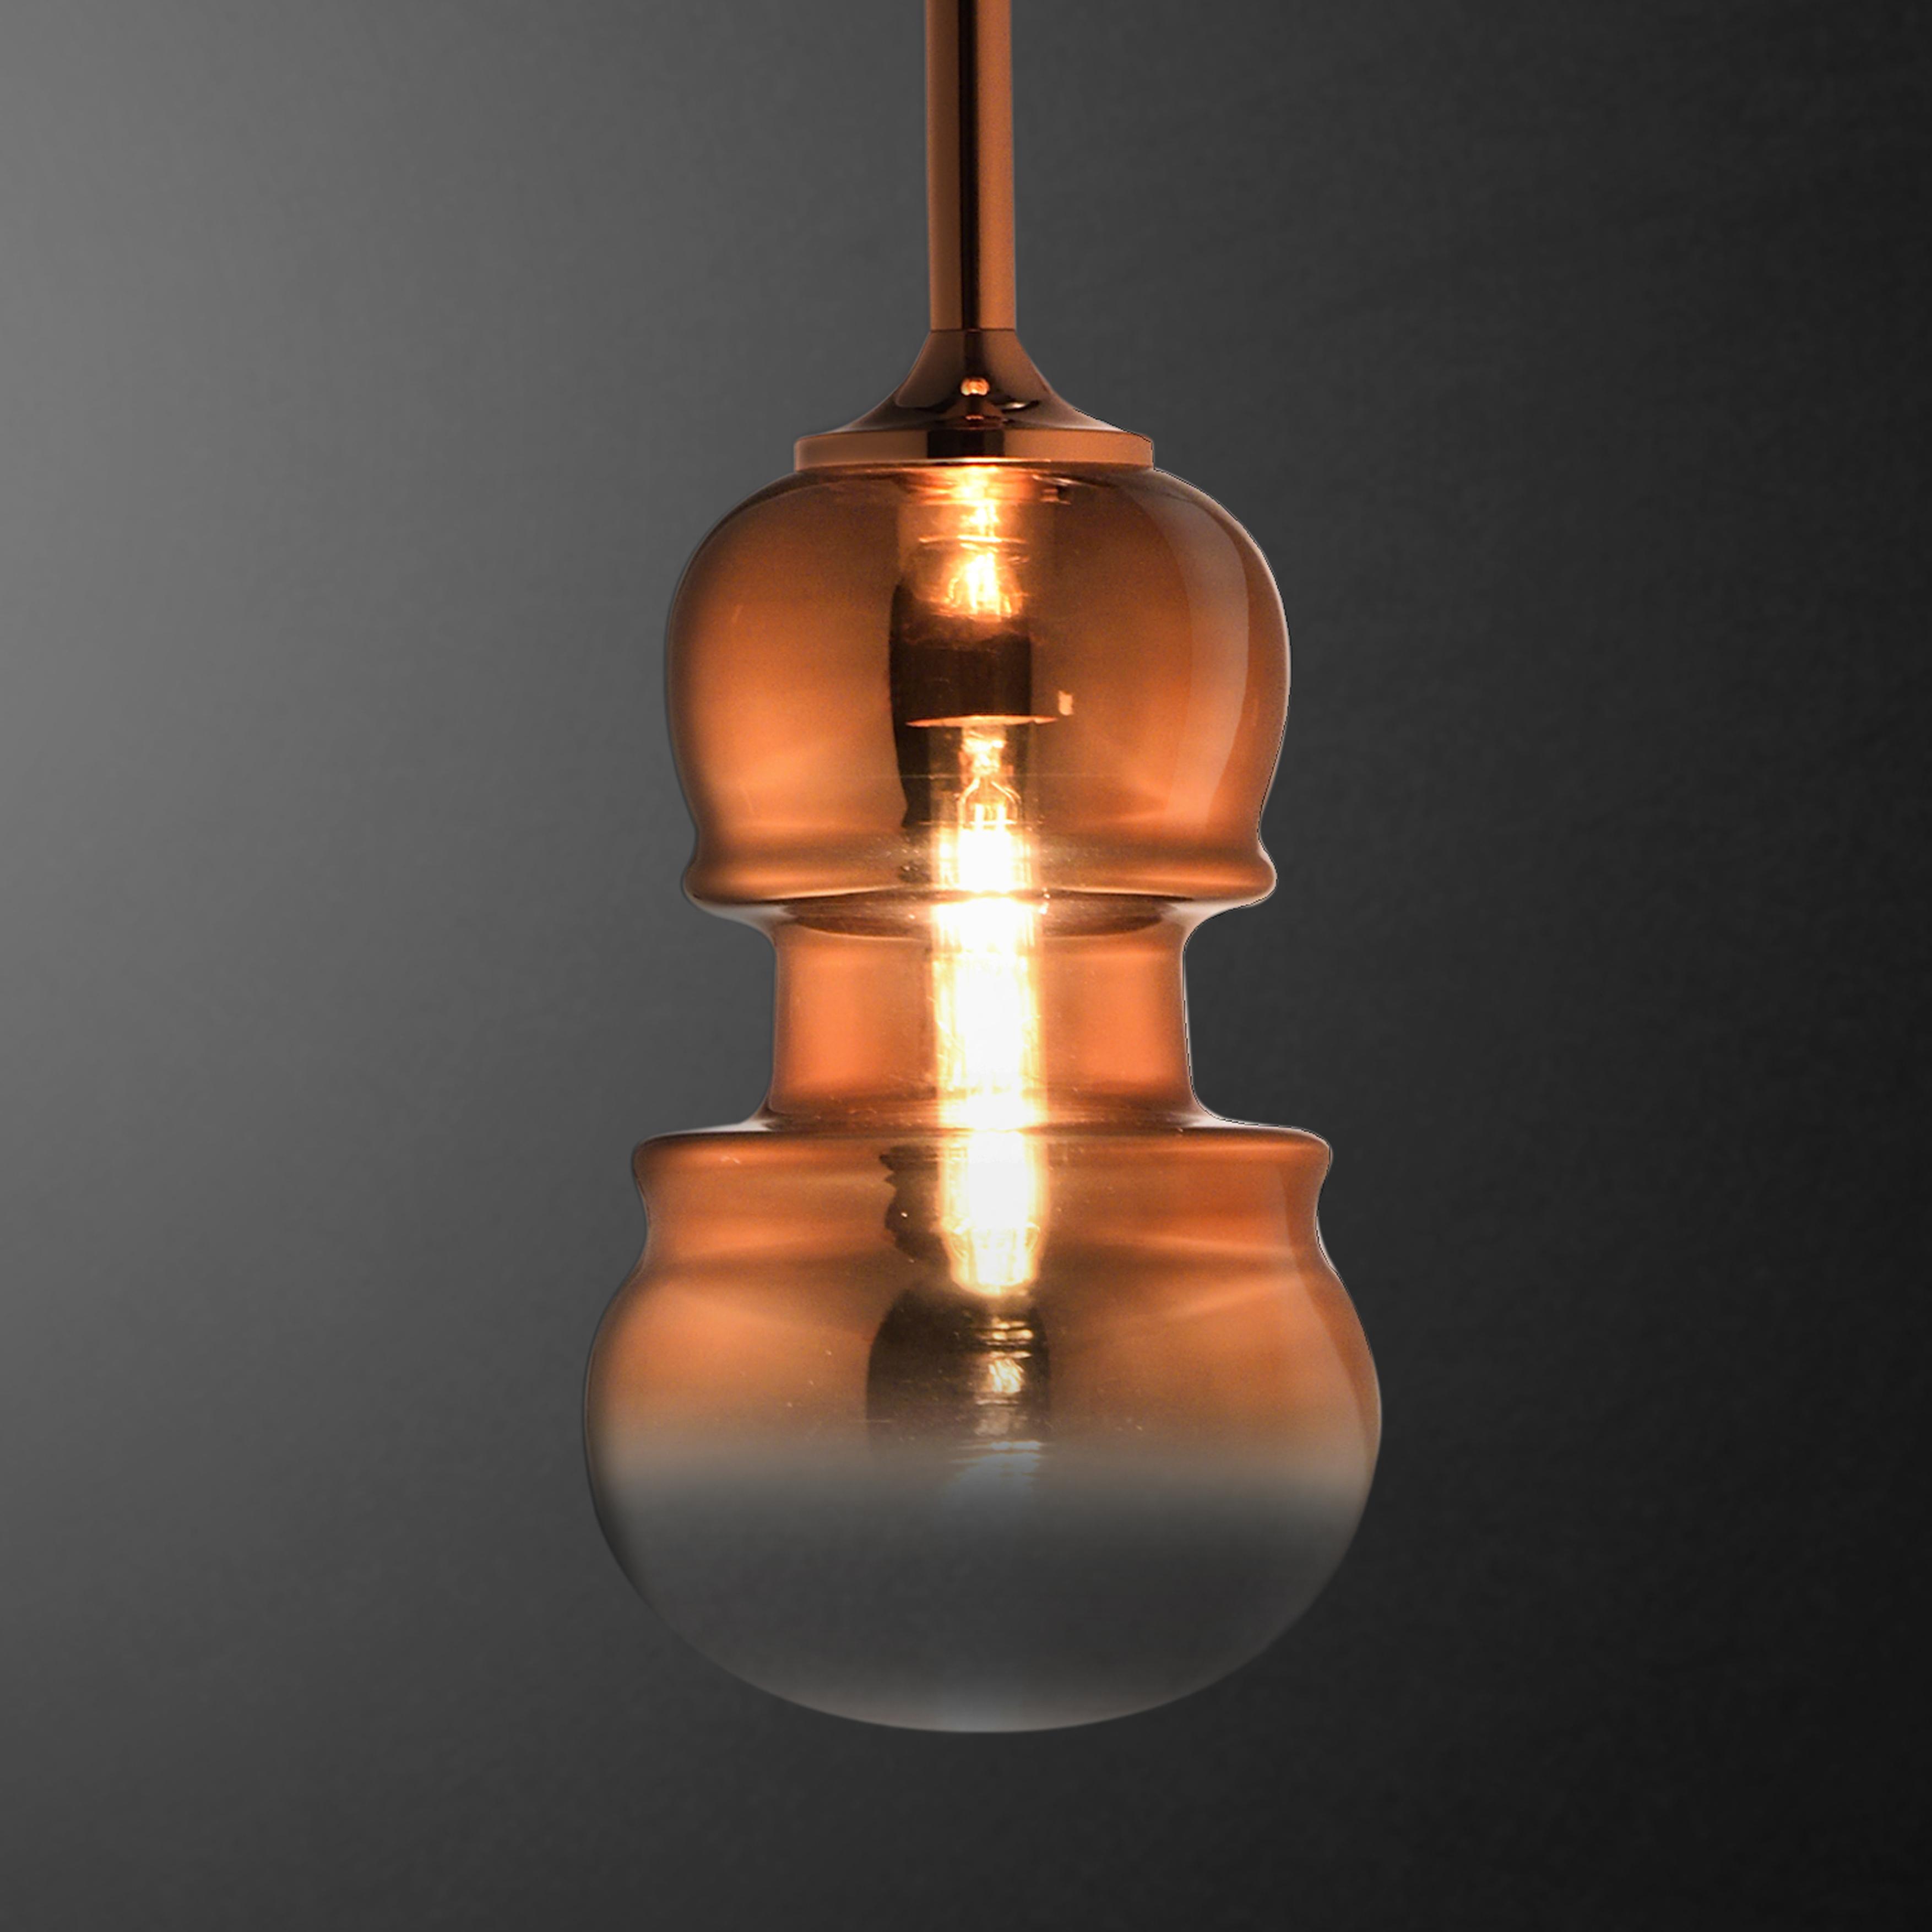 Подвесной светильник Mantra Sonata 6695, 1xE27x40W, медь, металл, стекло - фото 4